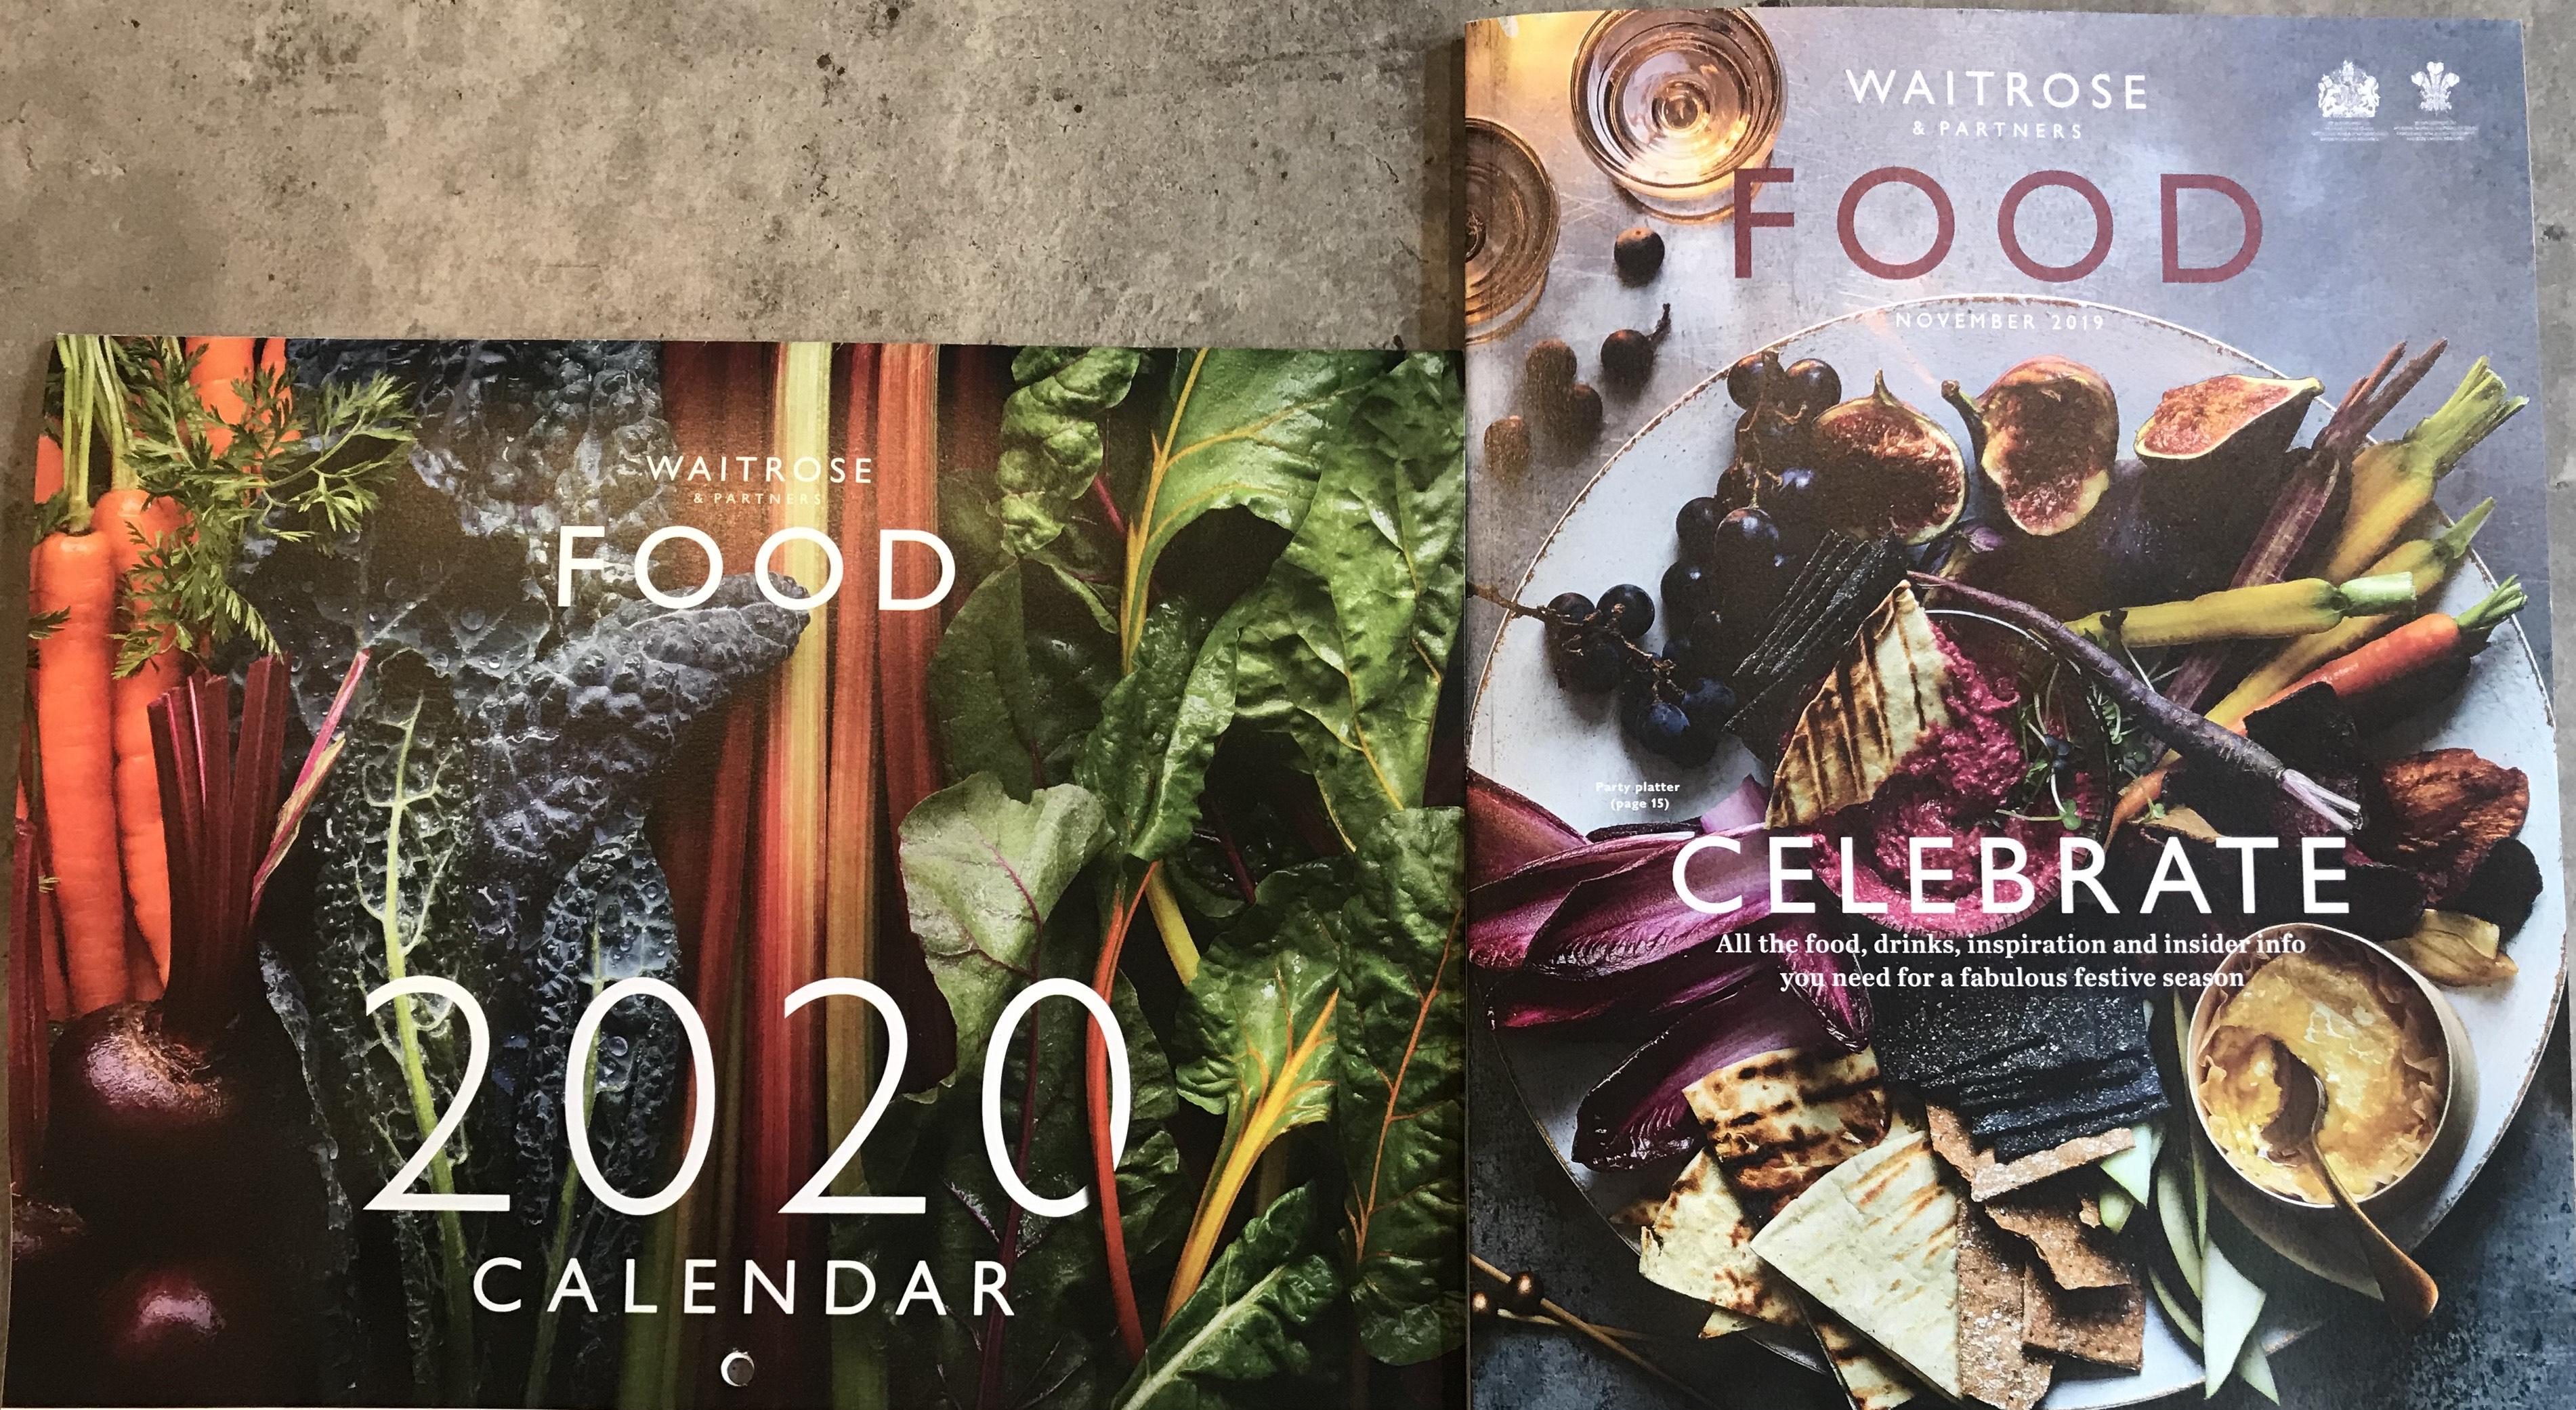 Free 2020 Calendar inside Magazine free for MyWaitrose card holders @ Waitrose